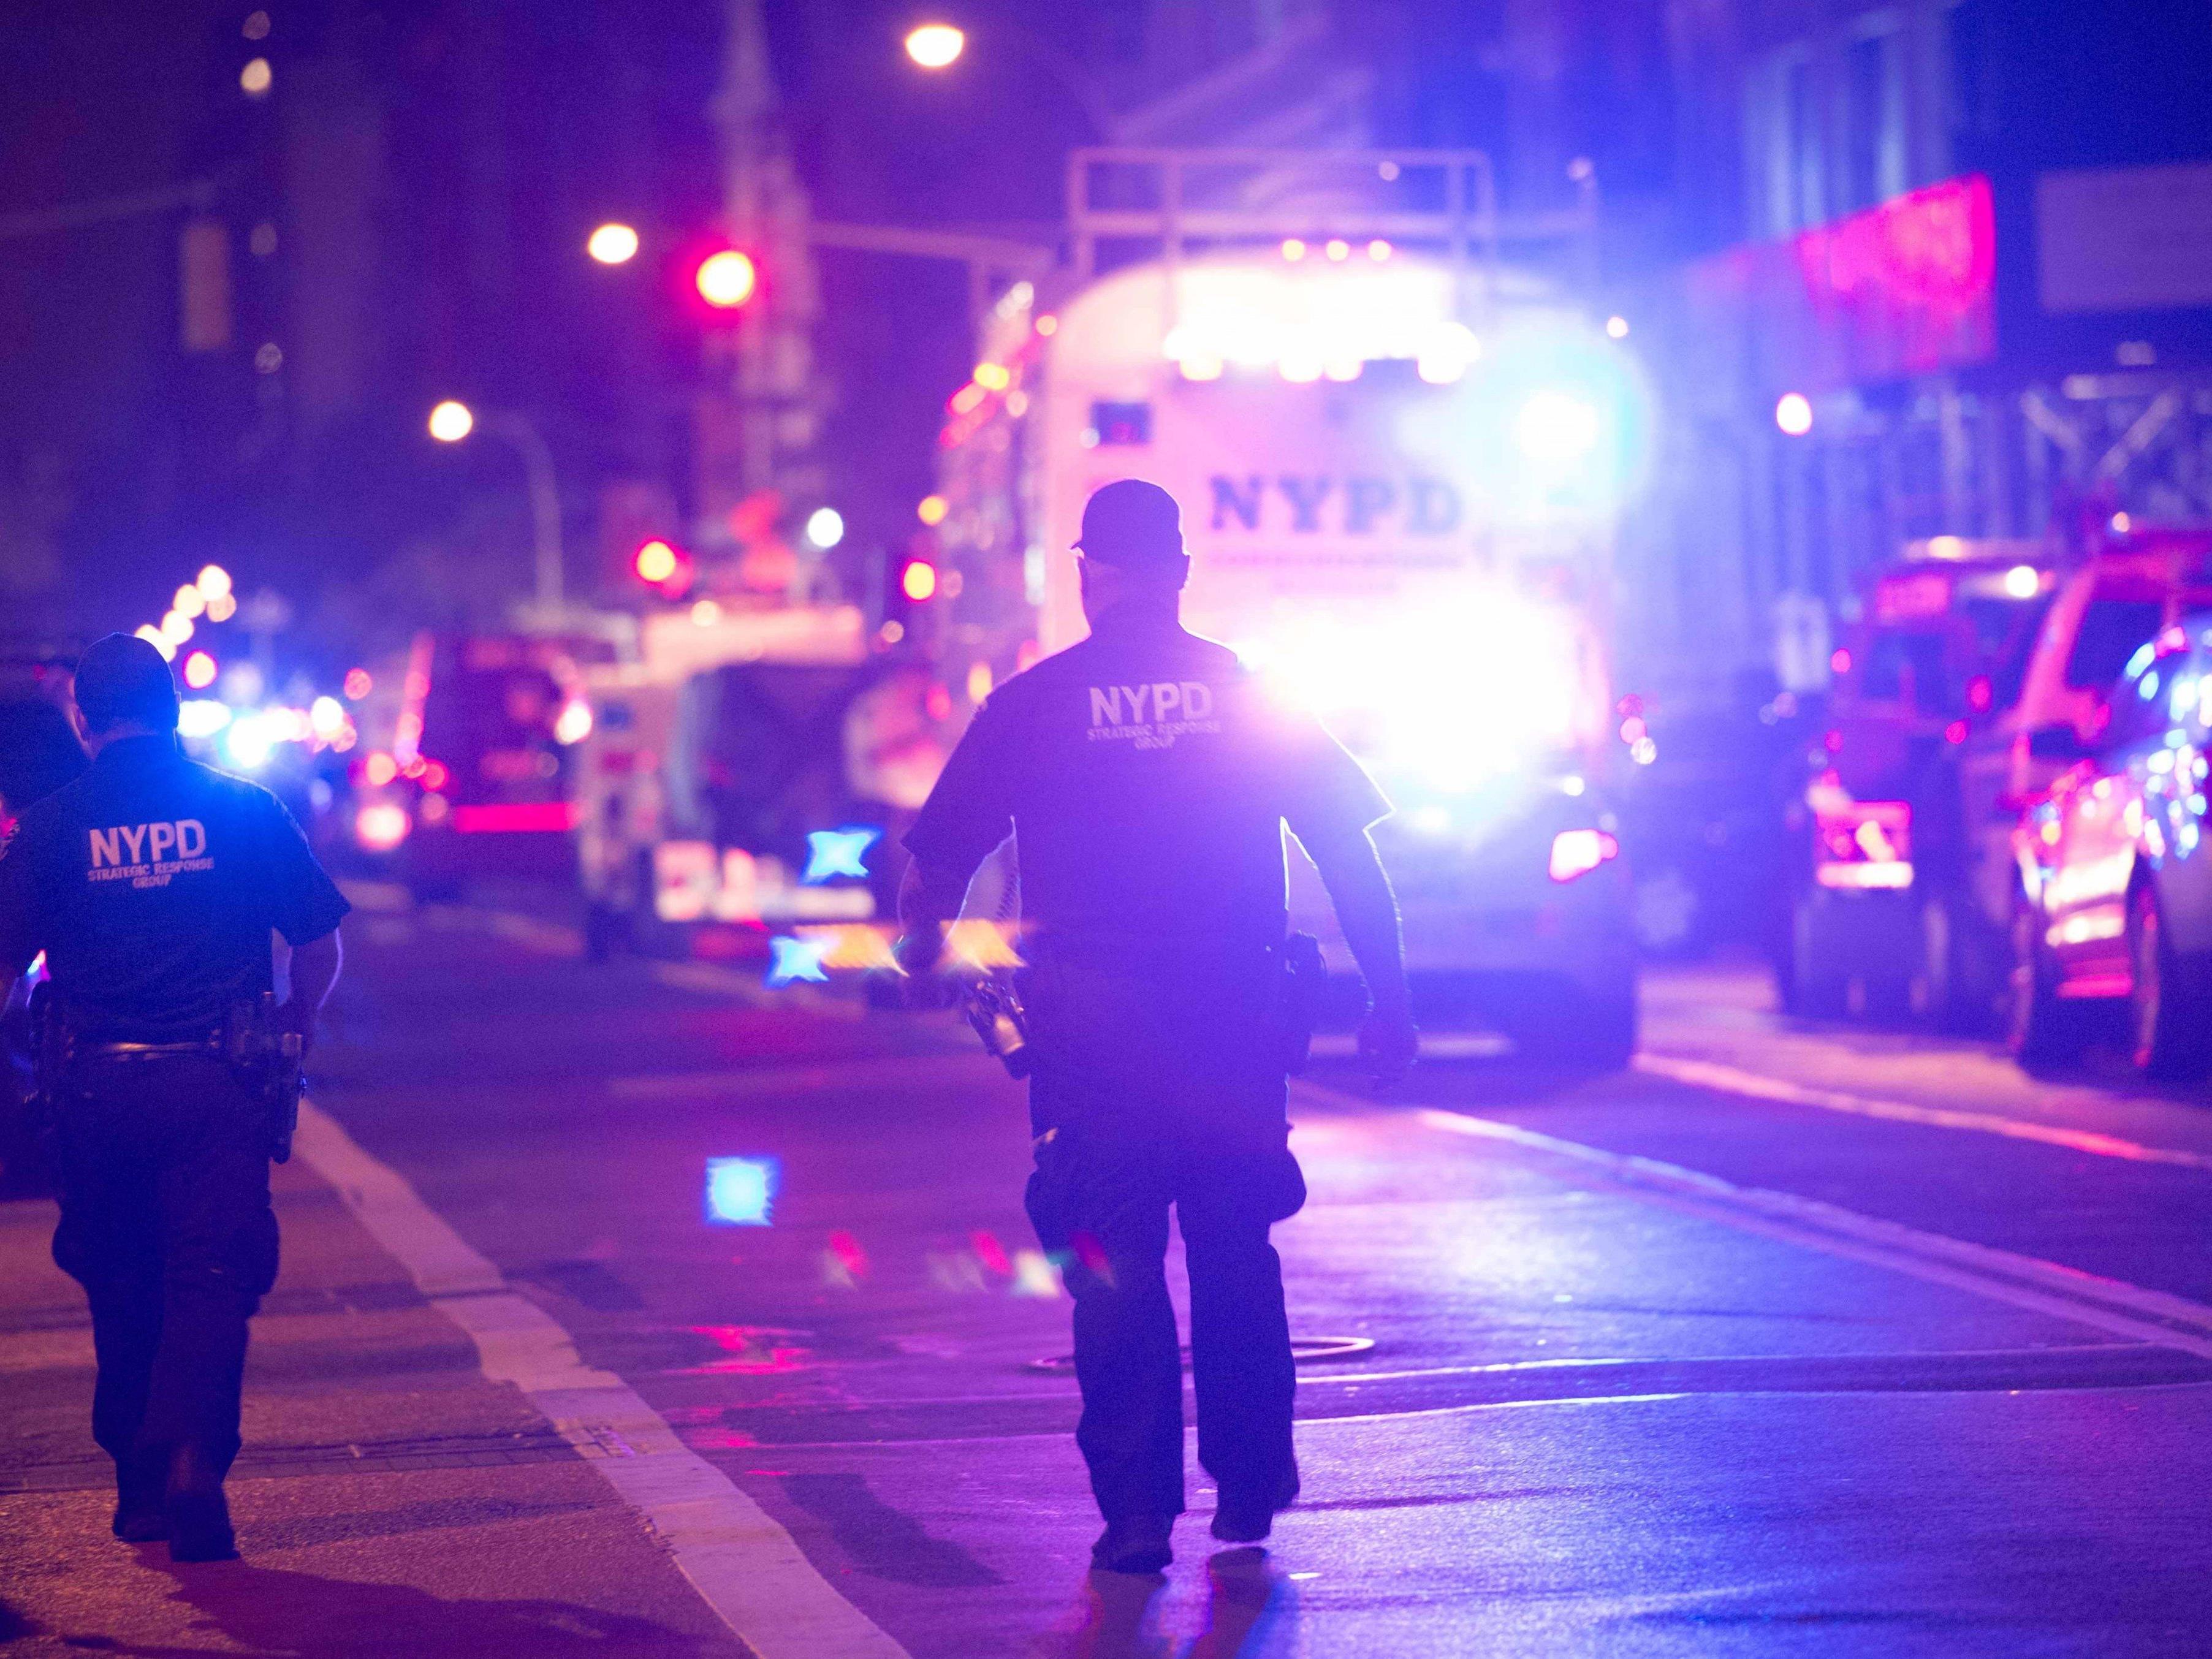 Die New Yorker Feuerwehr und eine Terroreinsatzgruppe der Polizei sind im Einsatz.